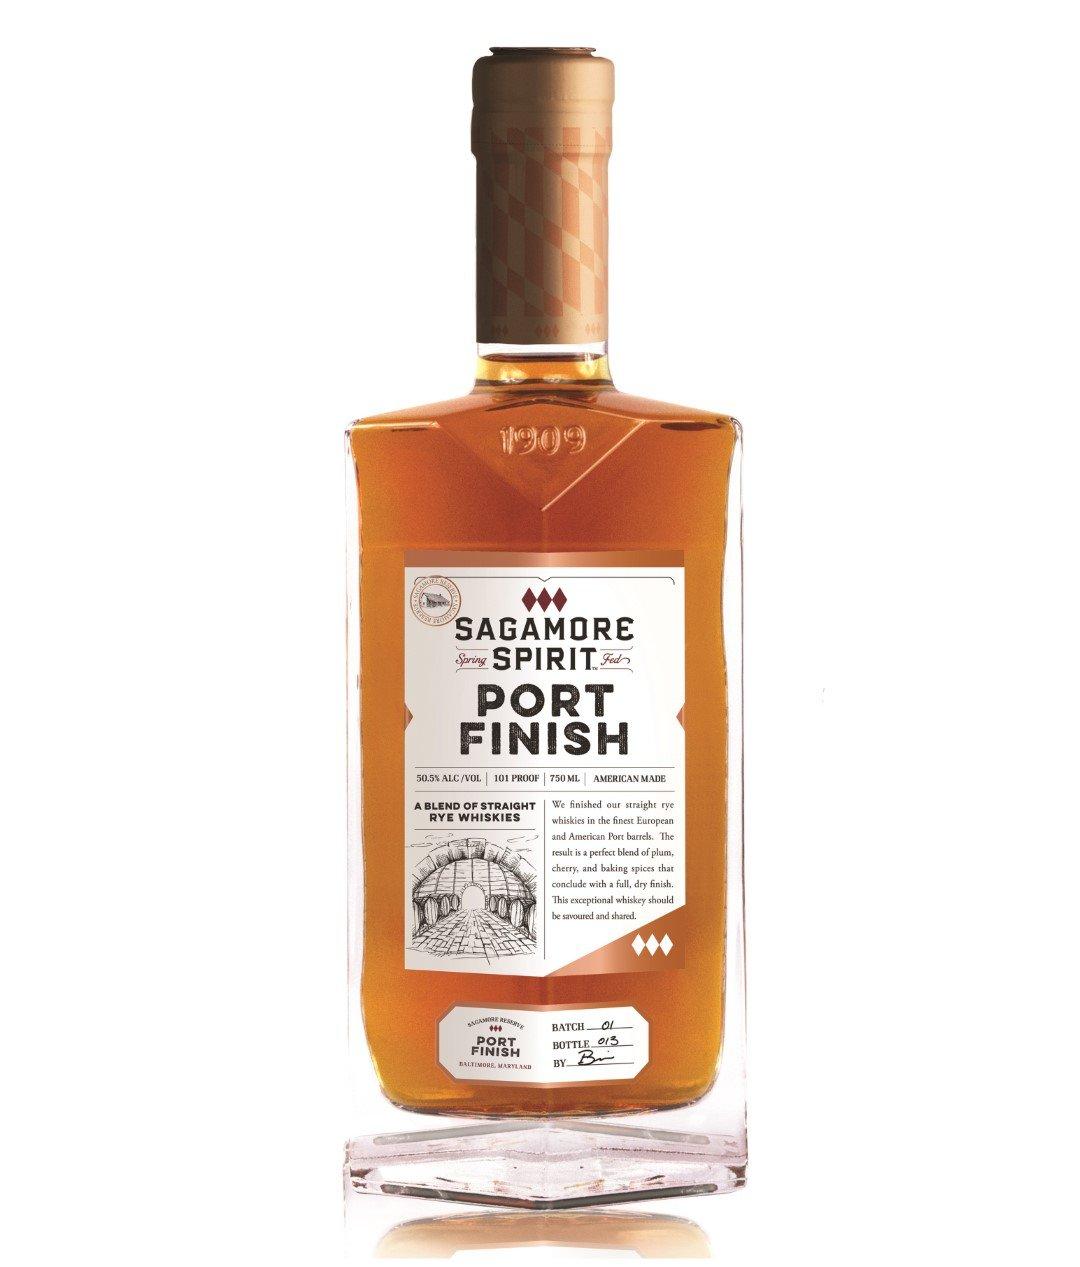 Sagamore Spirit Blended Rye Port Finish